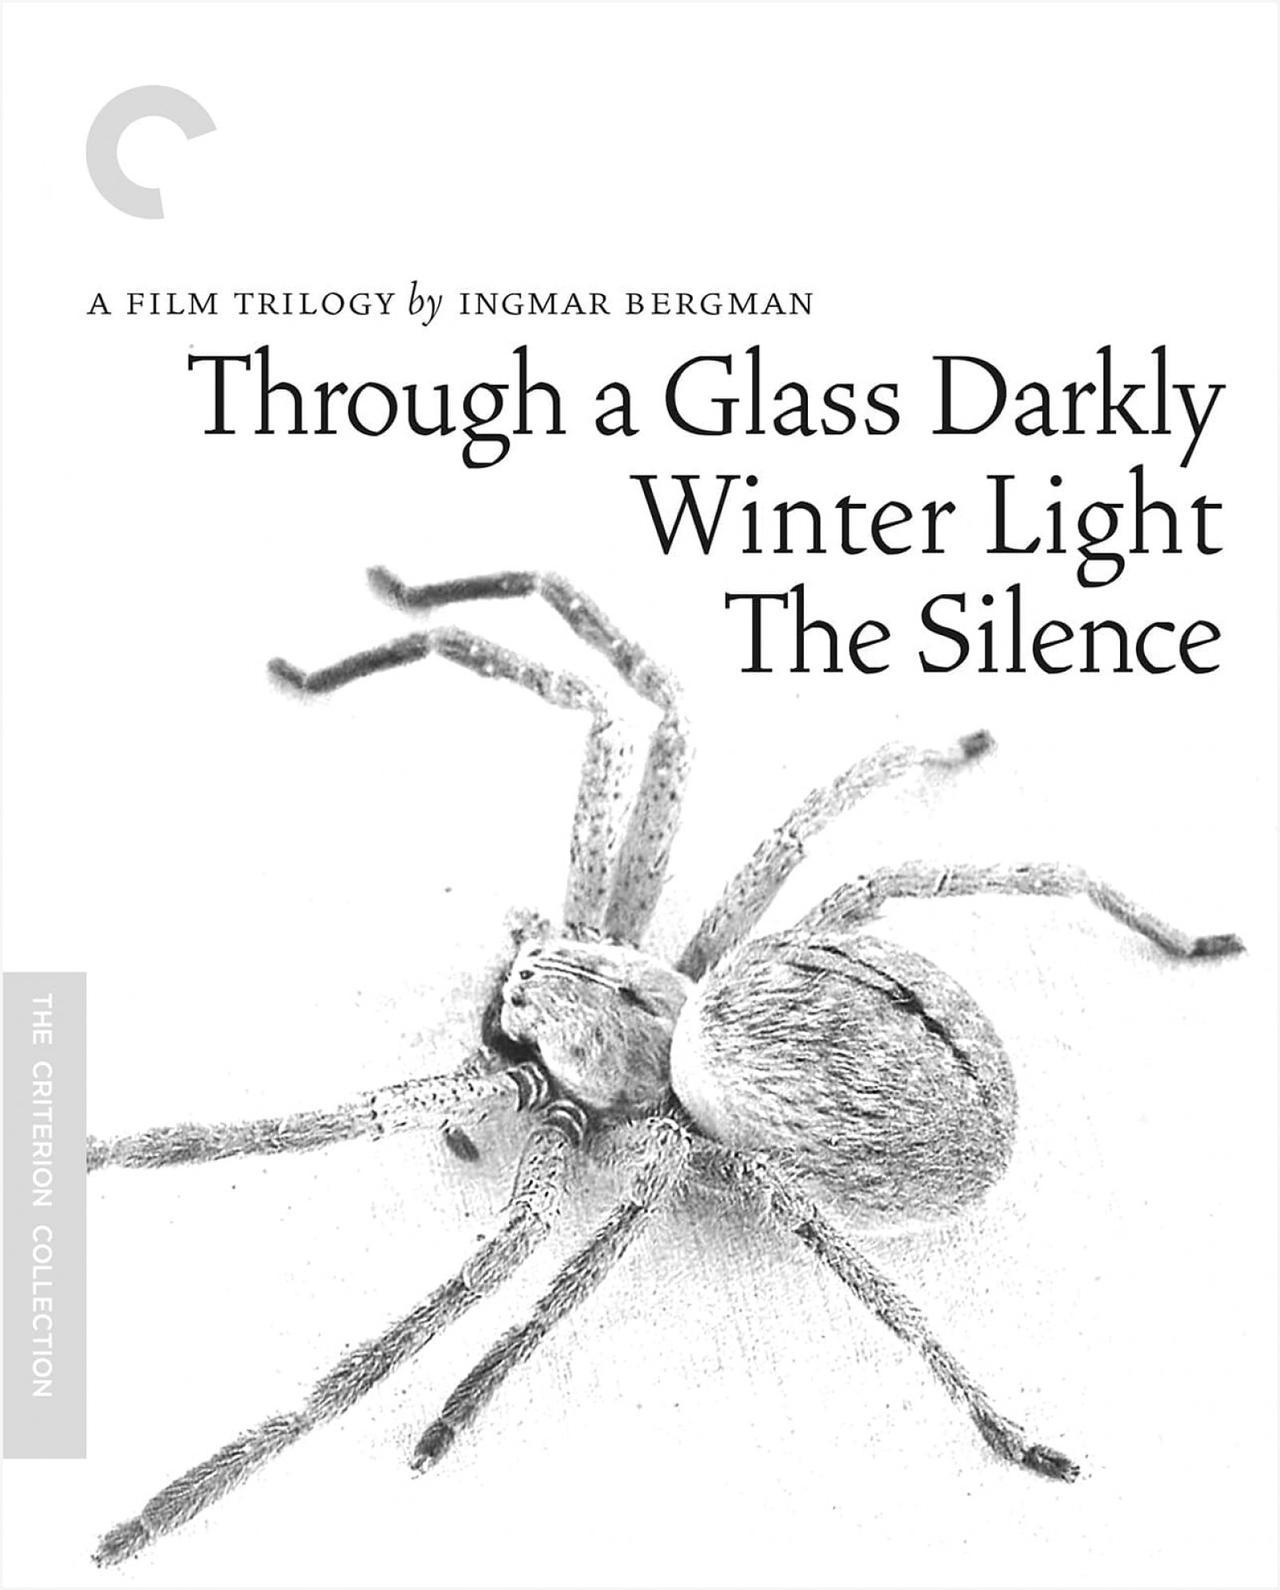 画像1: イングマール・ベルイマン監督作『鏡の中にある如く』『冬の光』『沈黙』【クライテリオンNEWリリース】